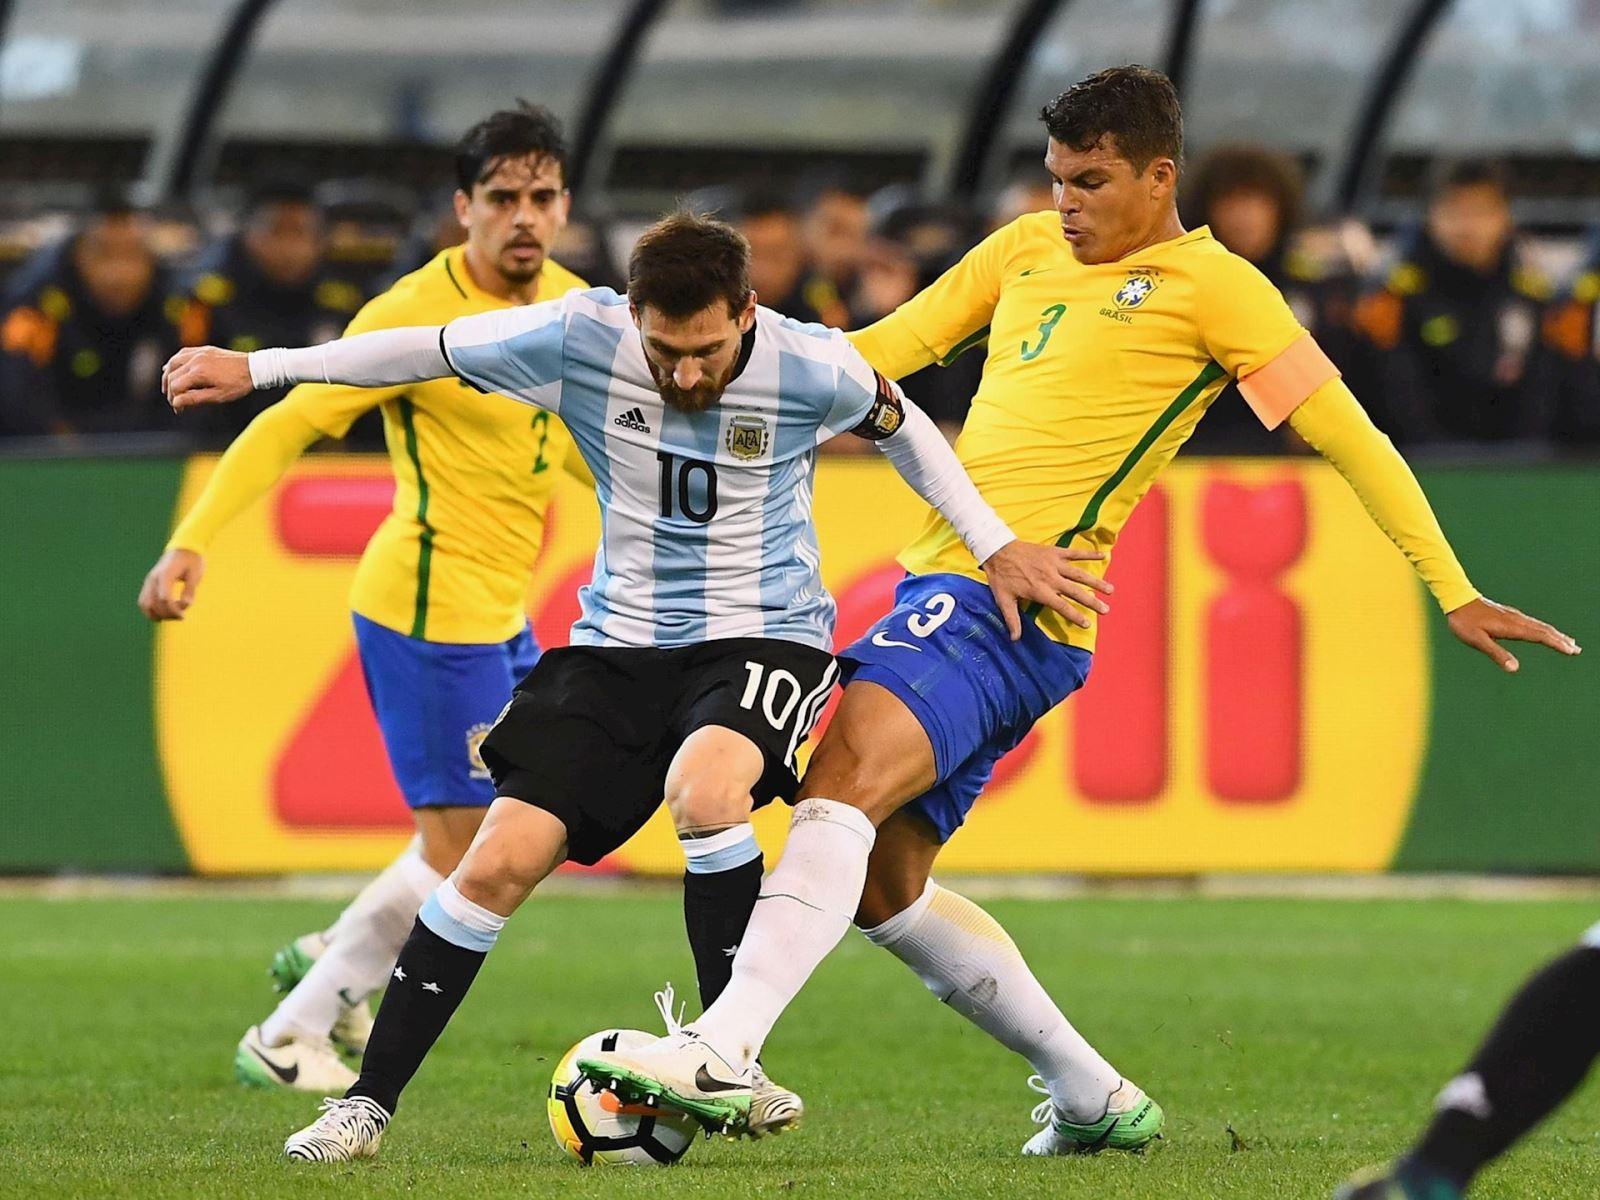 Ngôi sao Messi đã tìm kiếm cúp Copa trong hơn 1 thập kỷ